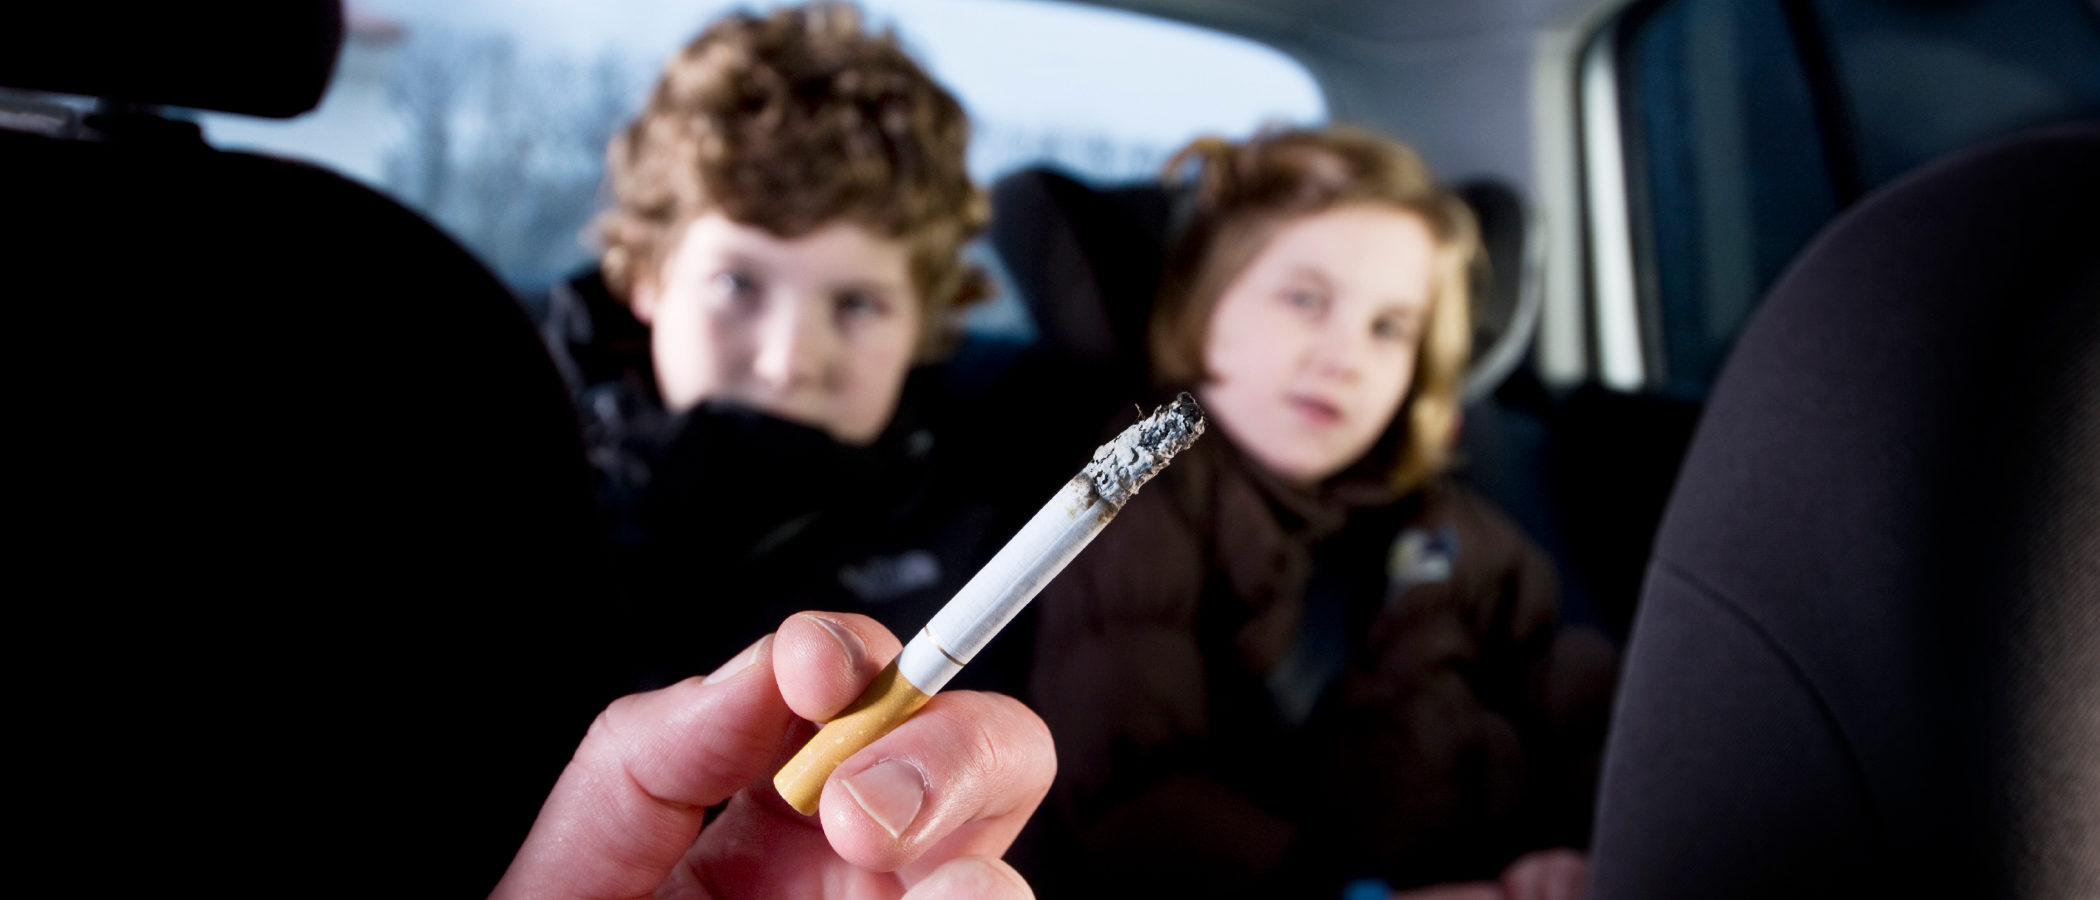 Resultado de imagen para fumar frente a niños